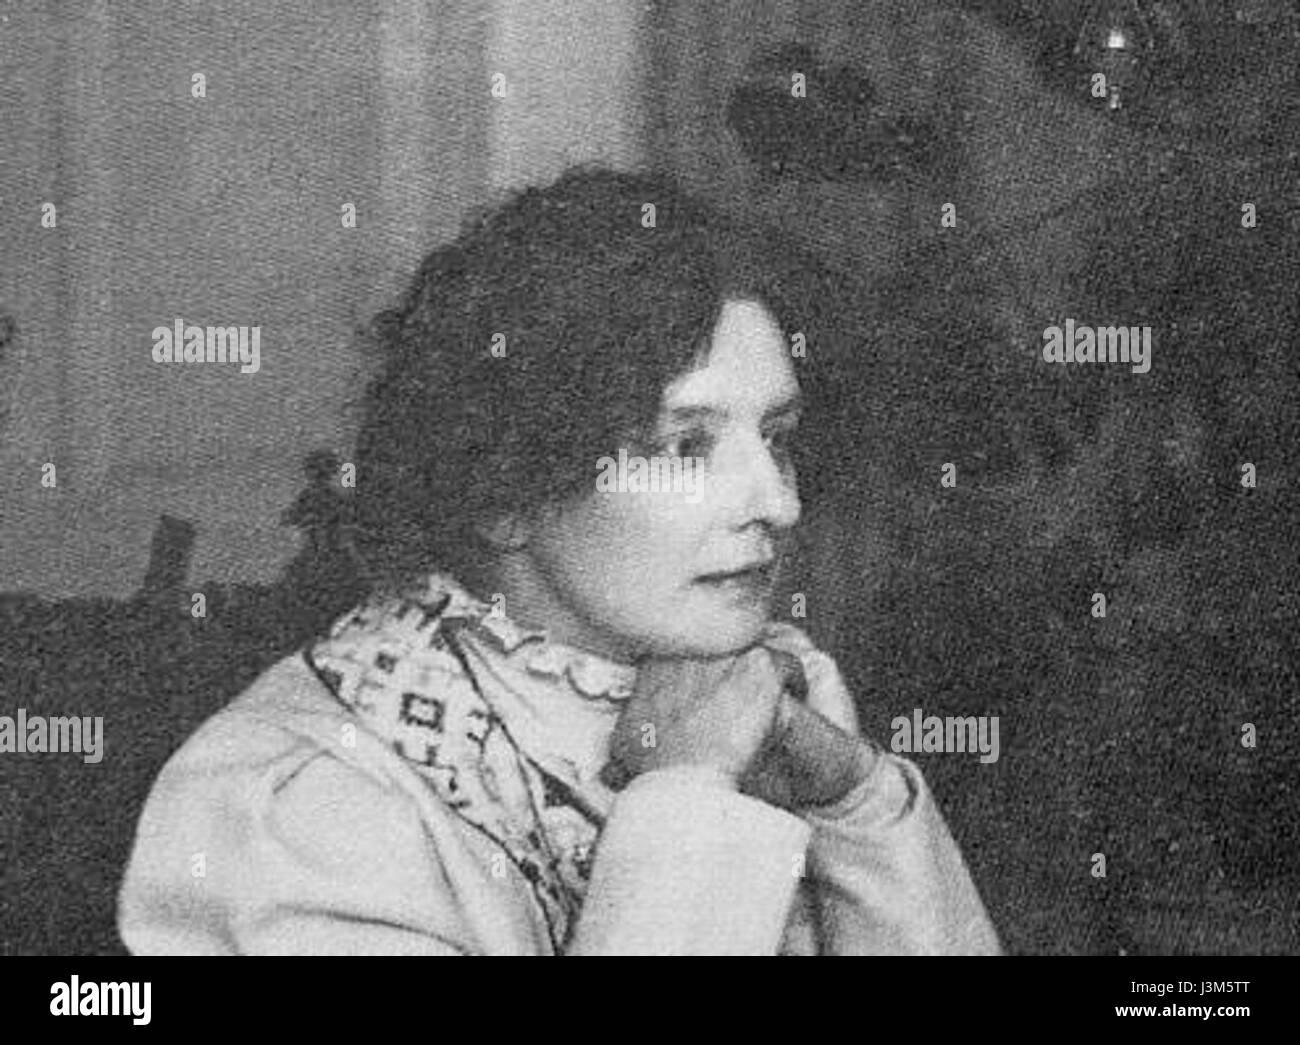 Gippius Z.N. doma 1914 Karl Bulla - Stock Image